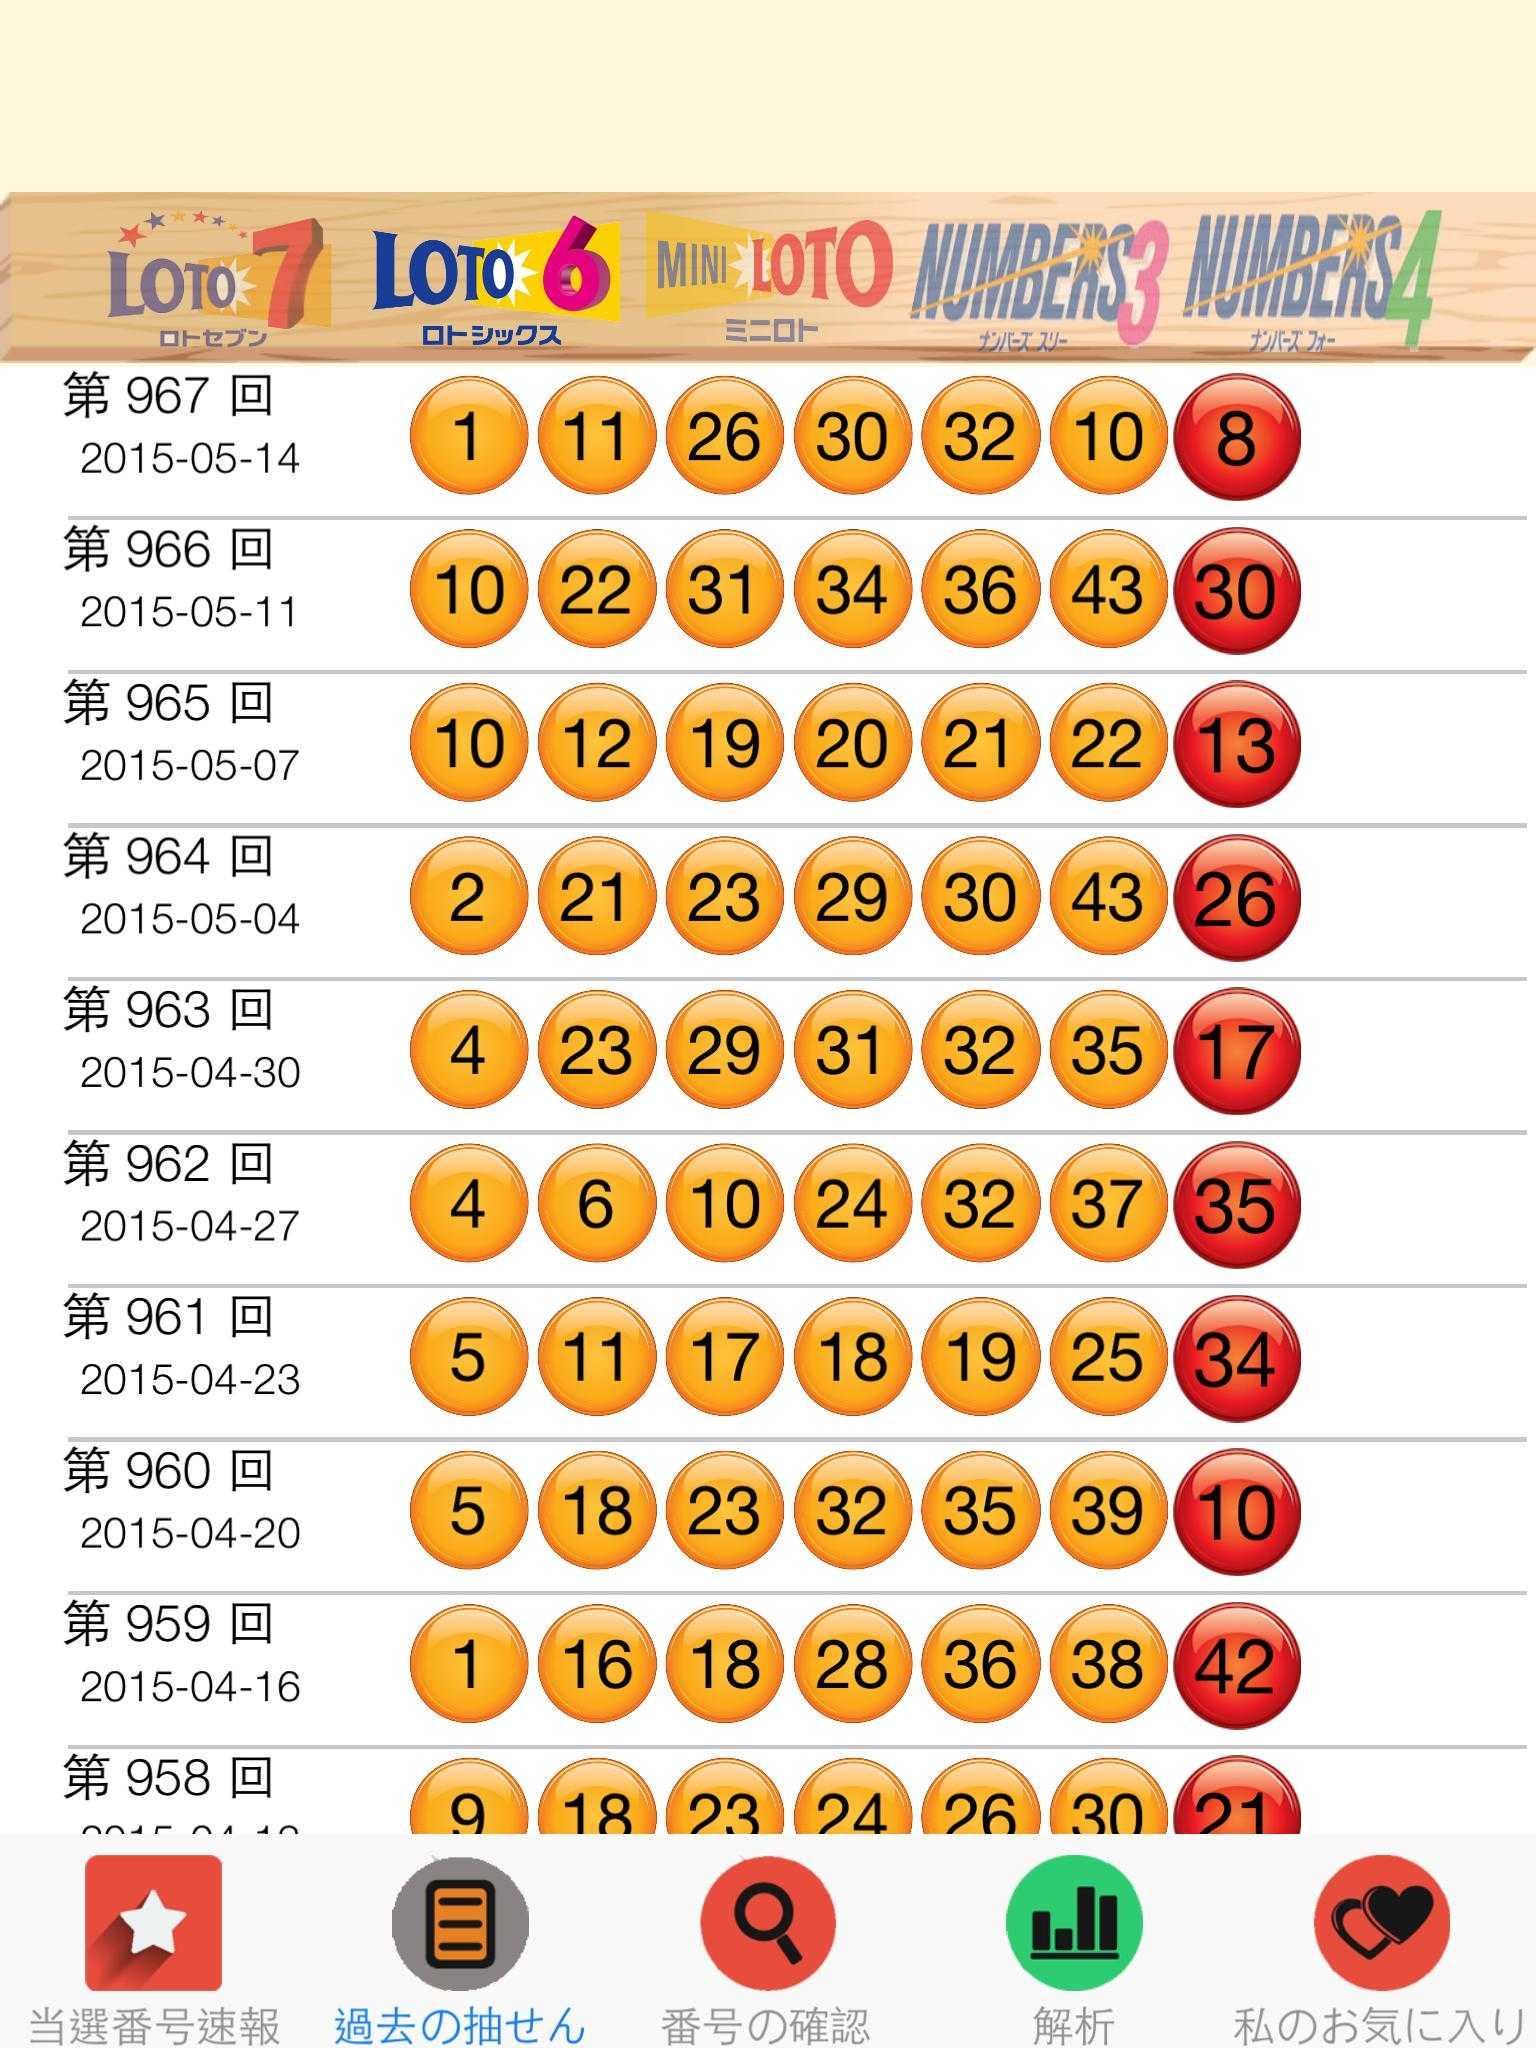 Японские лотереи, азартные игры, пачисуро, пачинко, рулетка и легализация казино в японии | miuki mikado • виртуальная япония